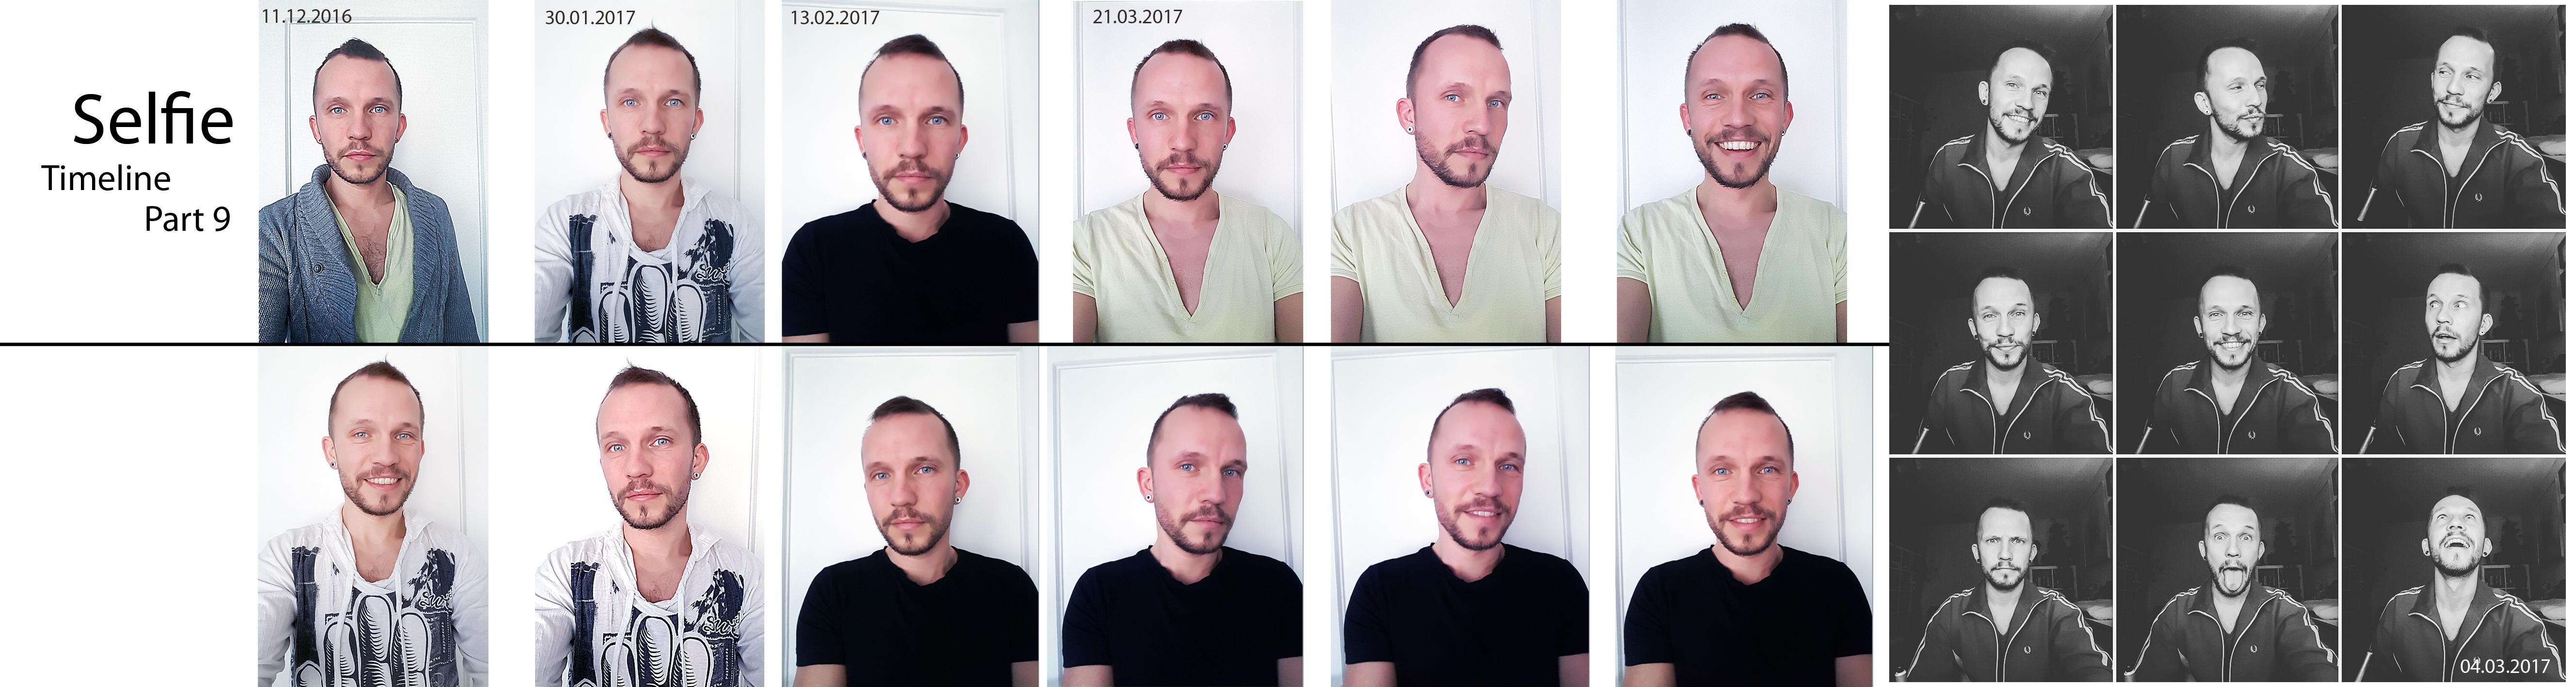 10_Selfie_Timeline_Part_10